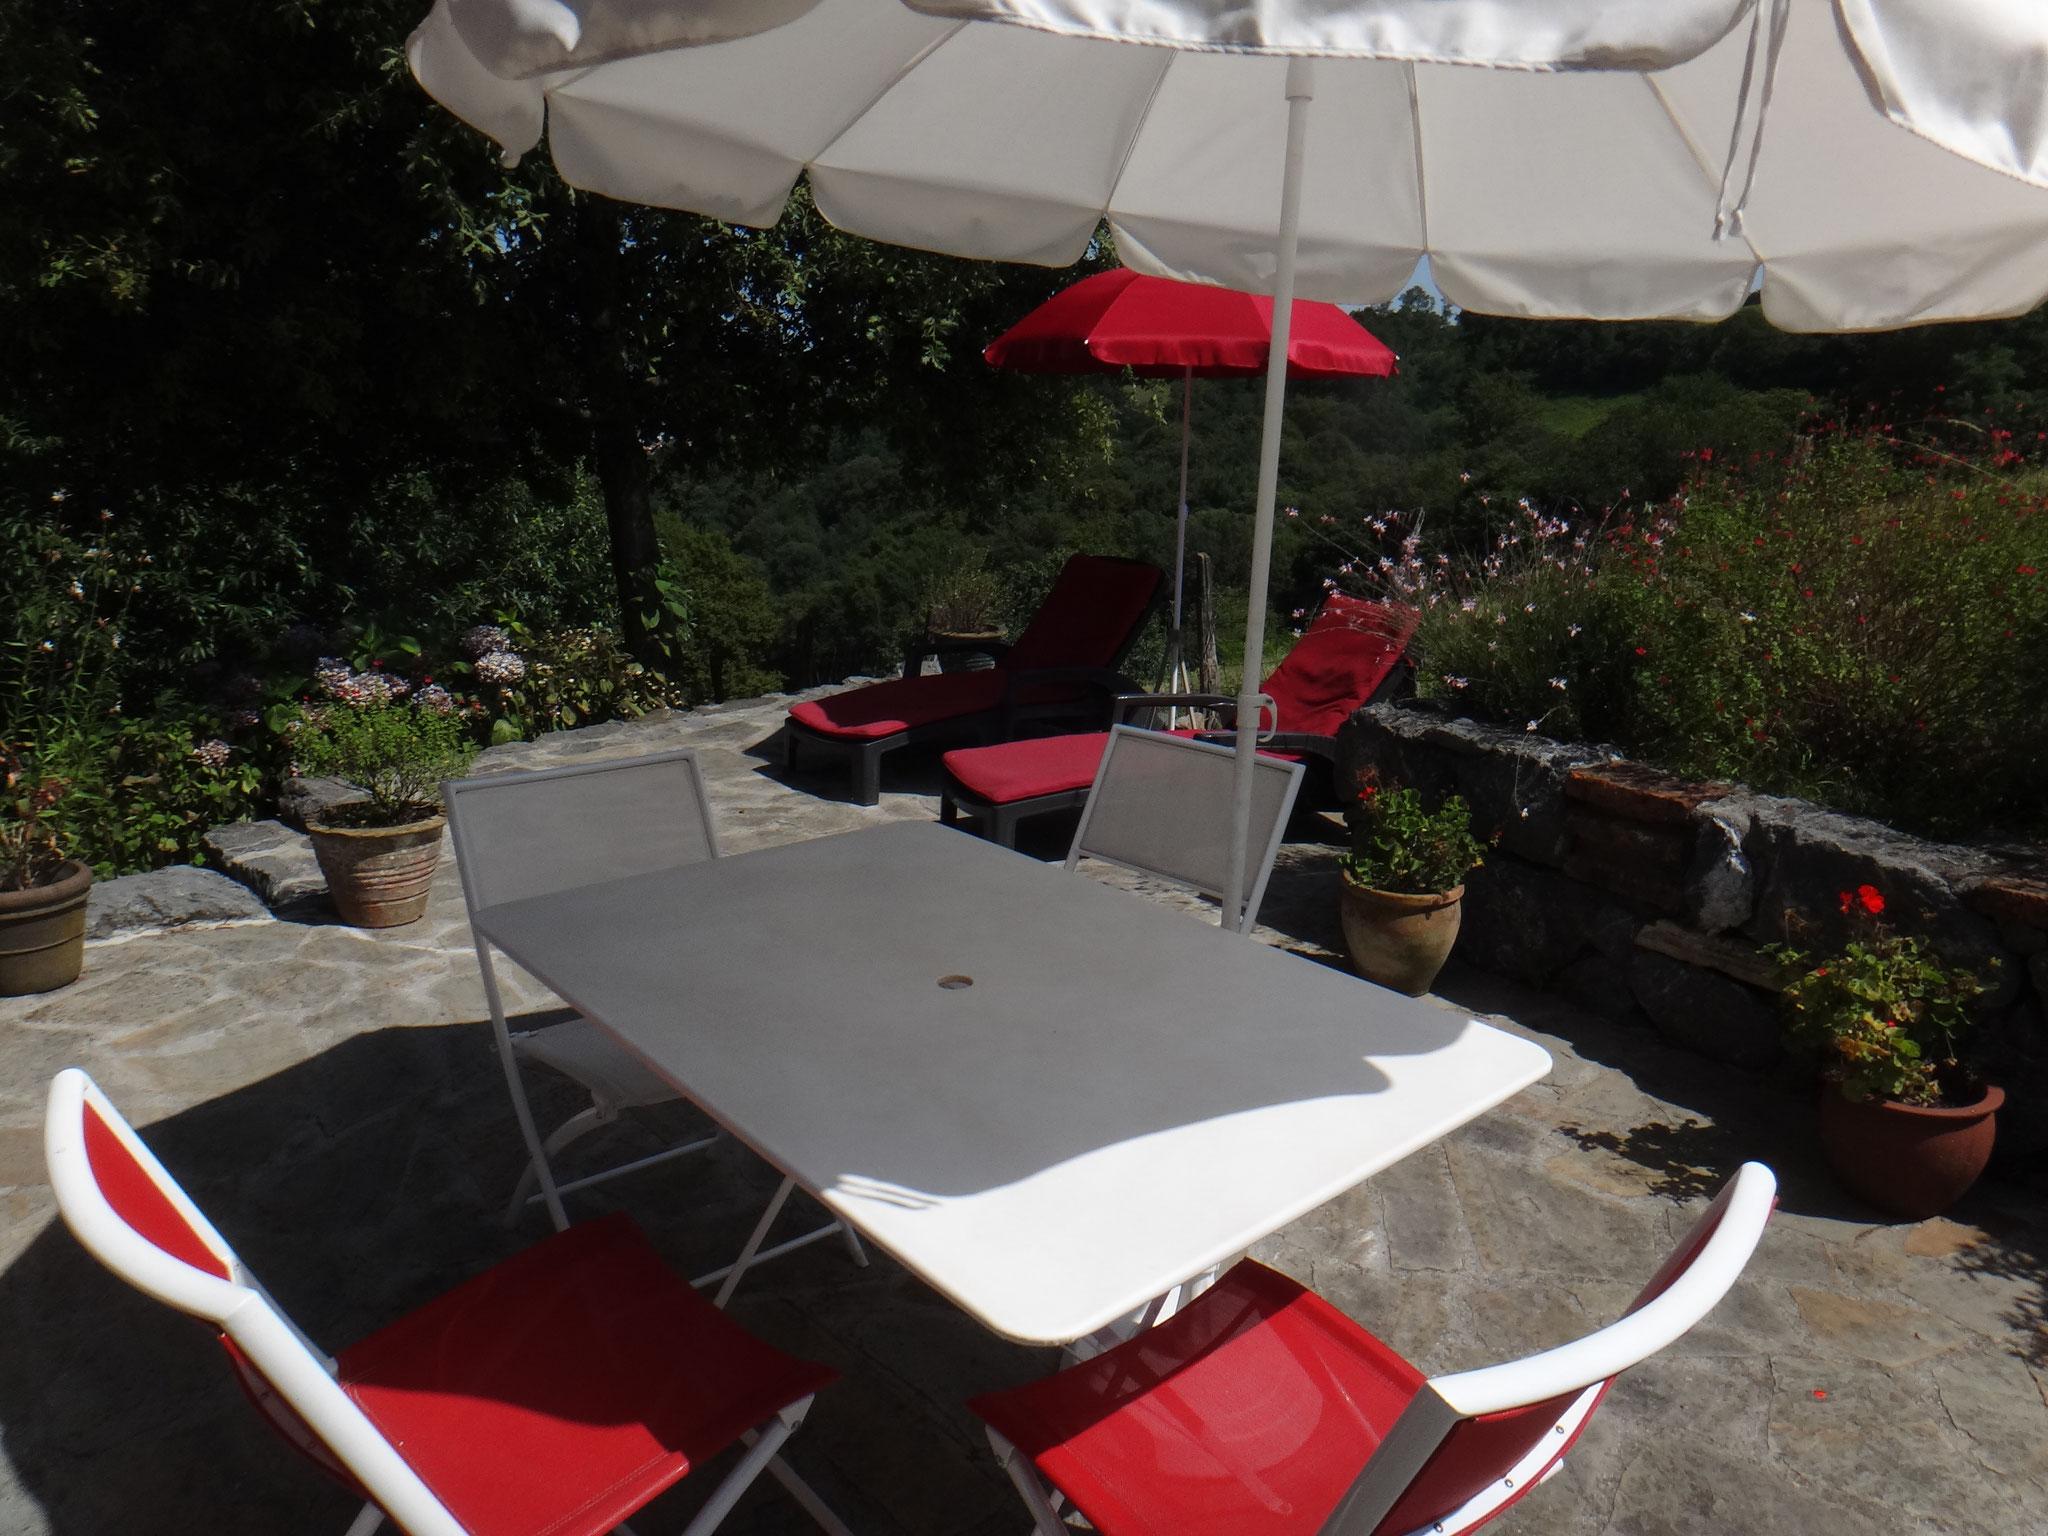 Table pour les repas sur la terrasse